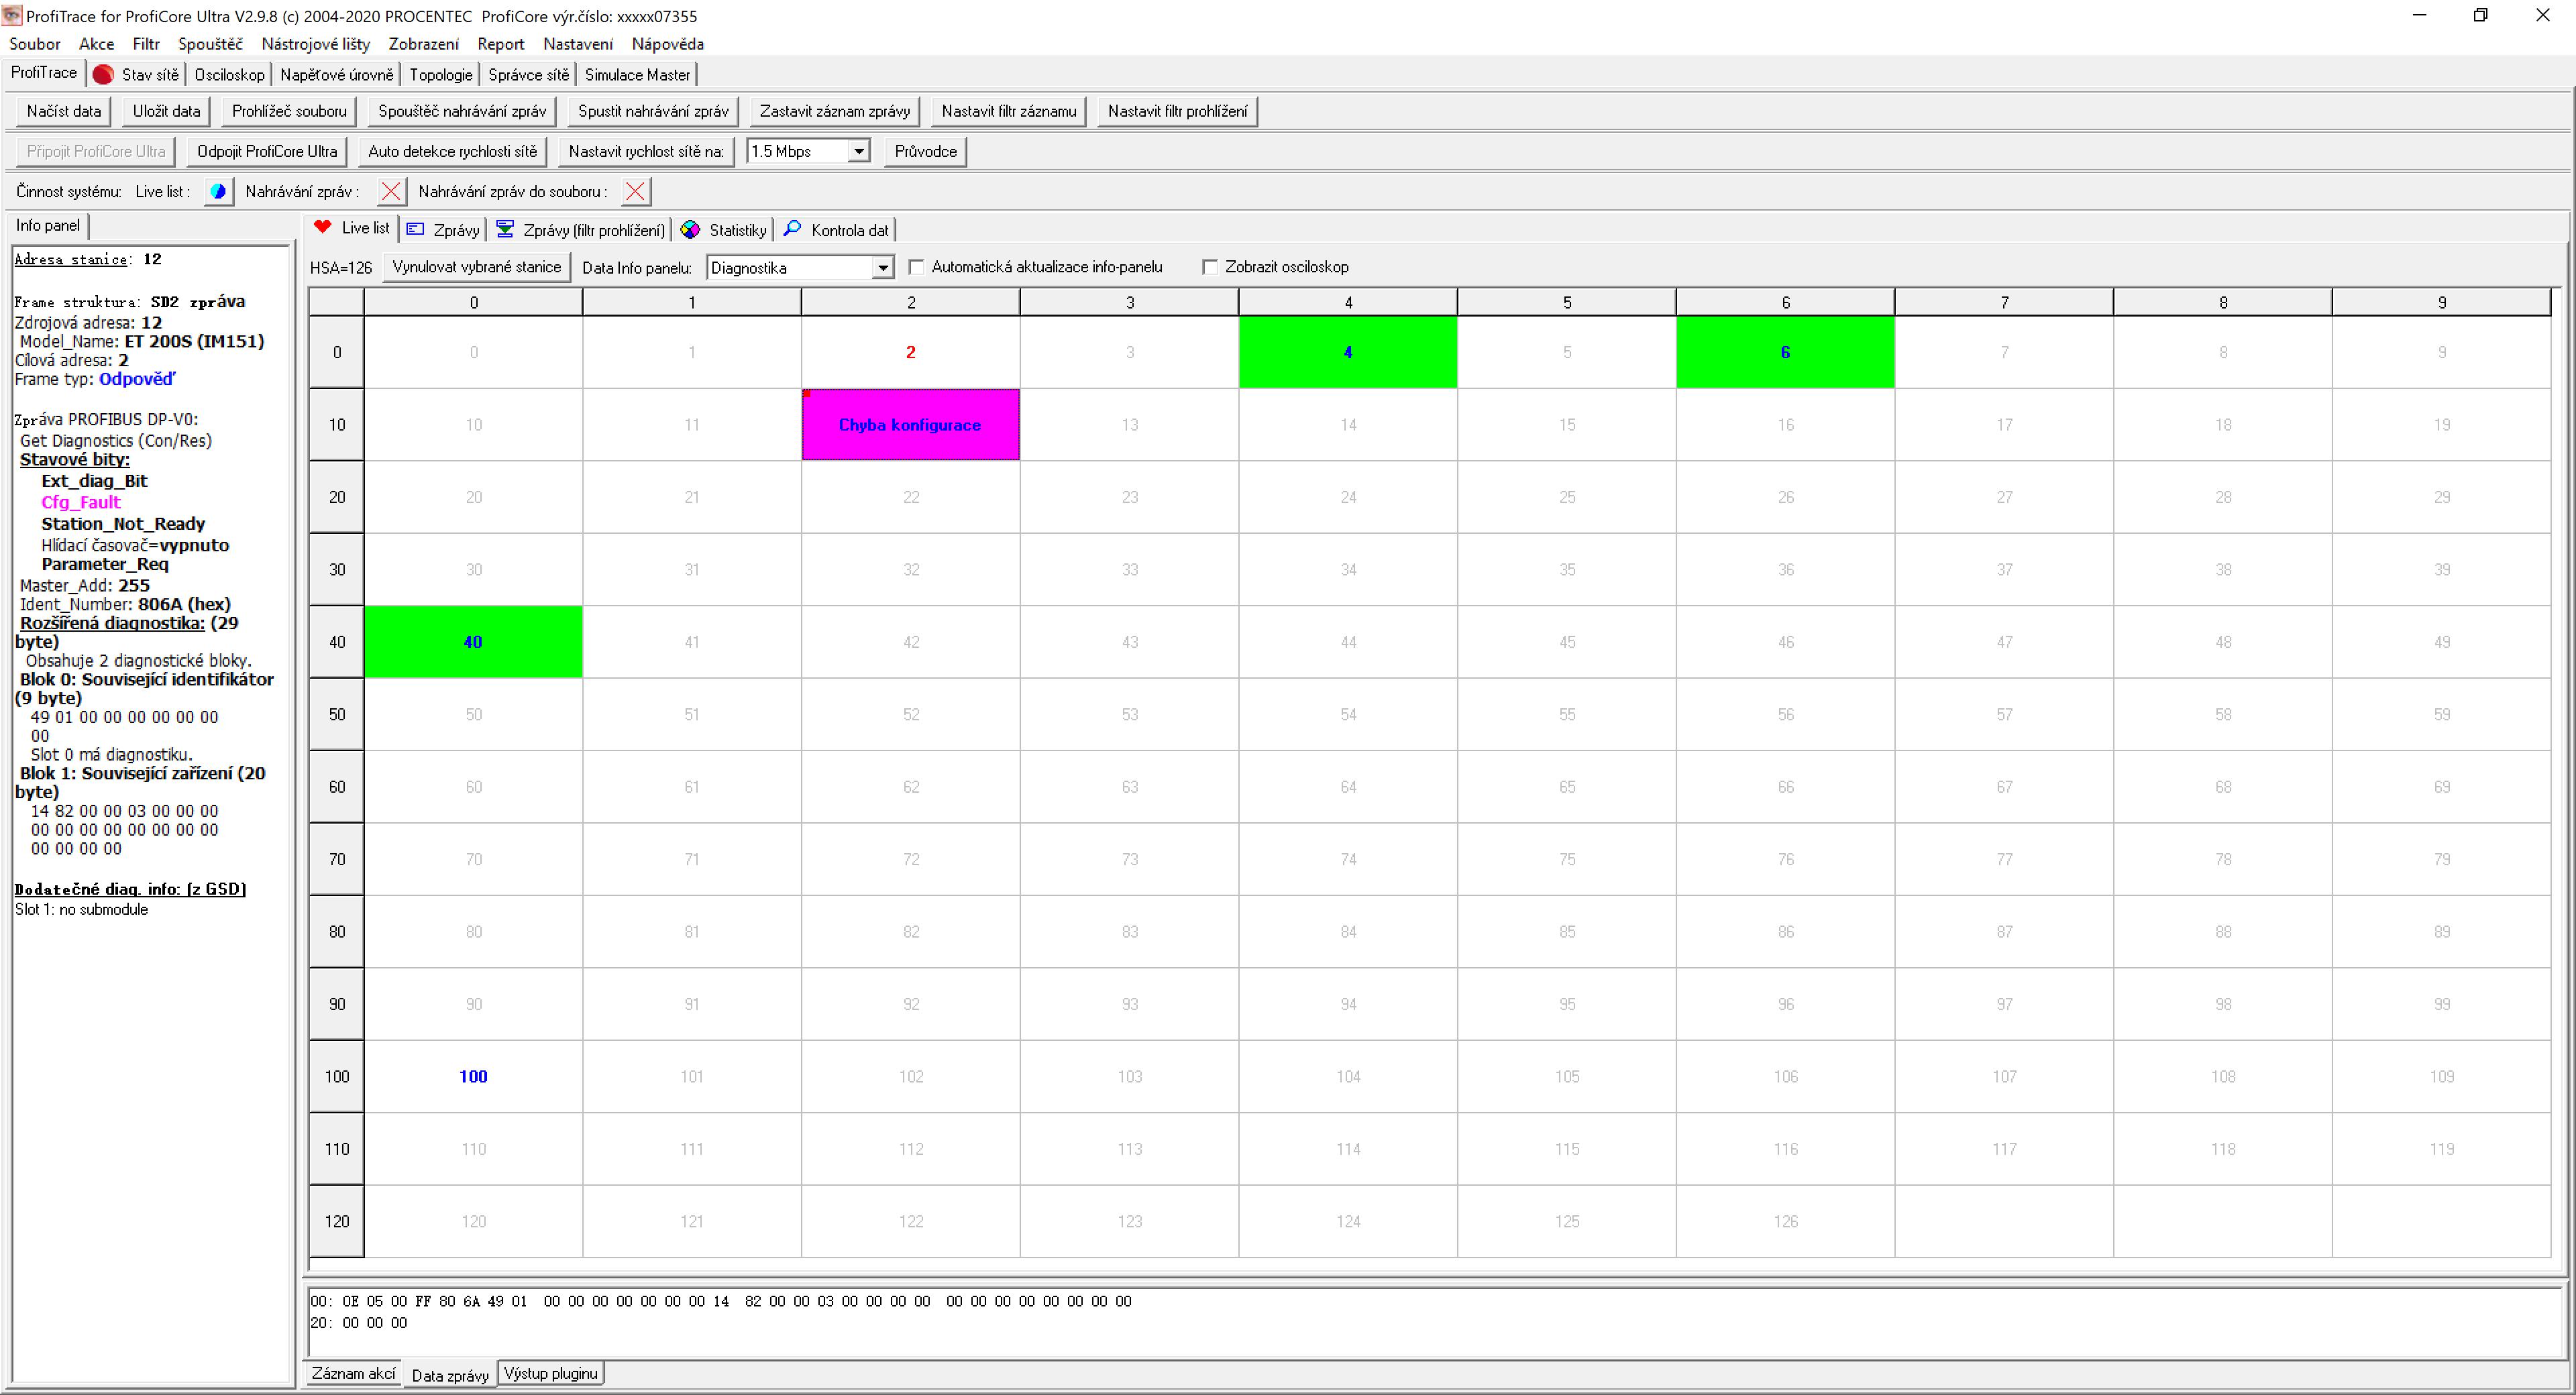 LiveList - seznam živých nalezených PROFIBUS stanic, tester ProfiTrace 2